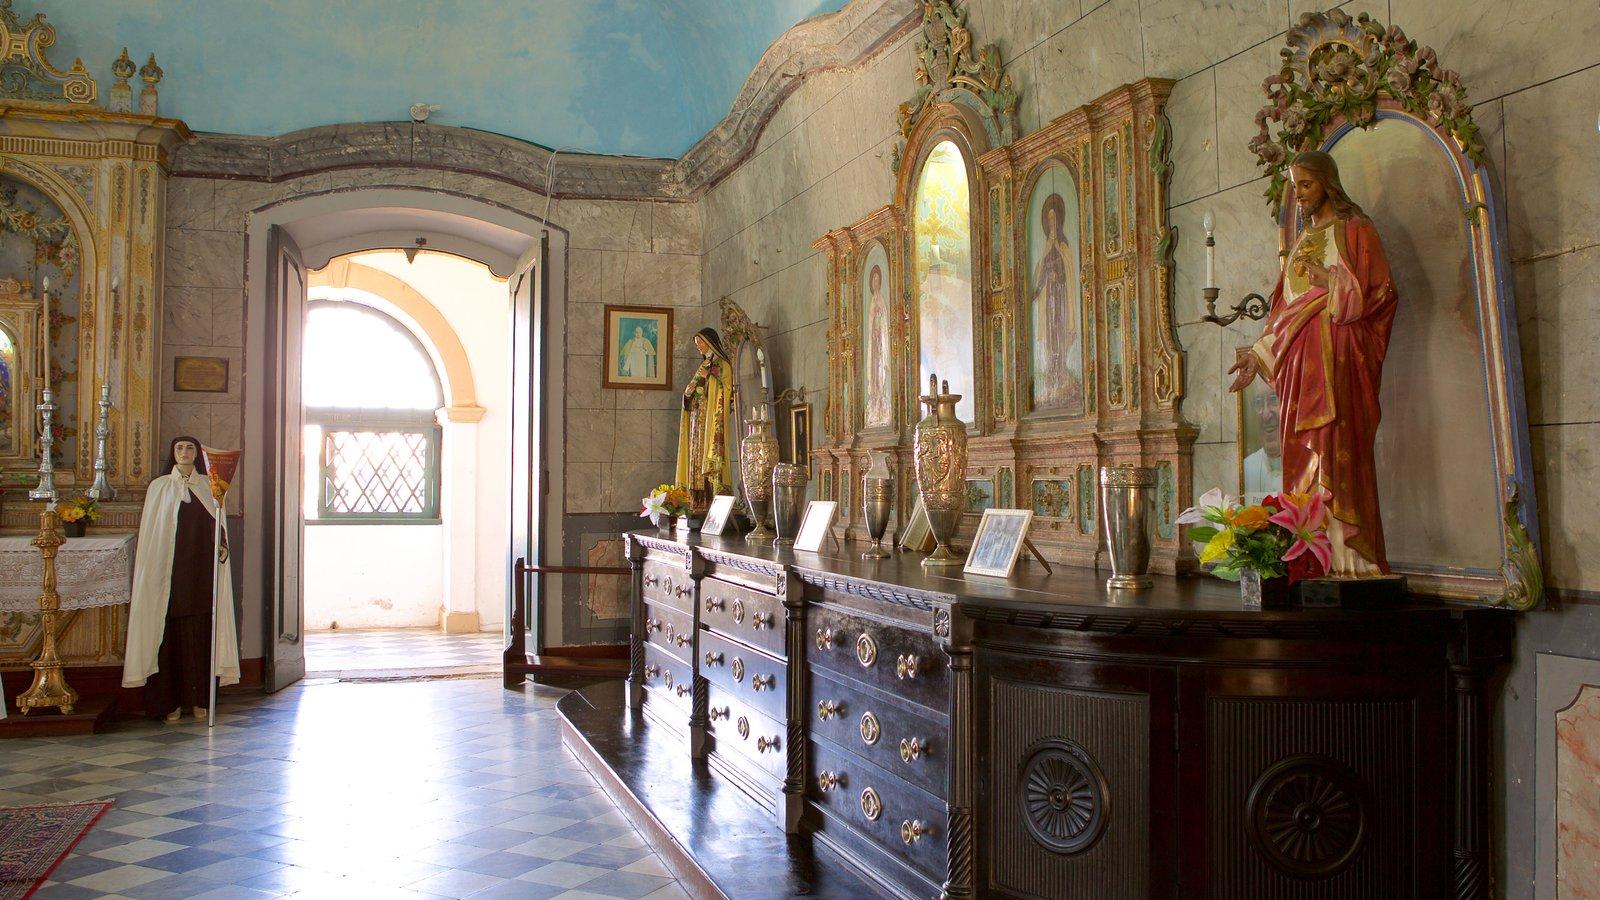 Igreja e Convento de São Francisco de Salvador caracterizando uma igreja ou catedral, elementos religiosos e vistas internas